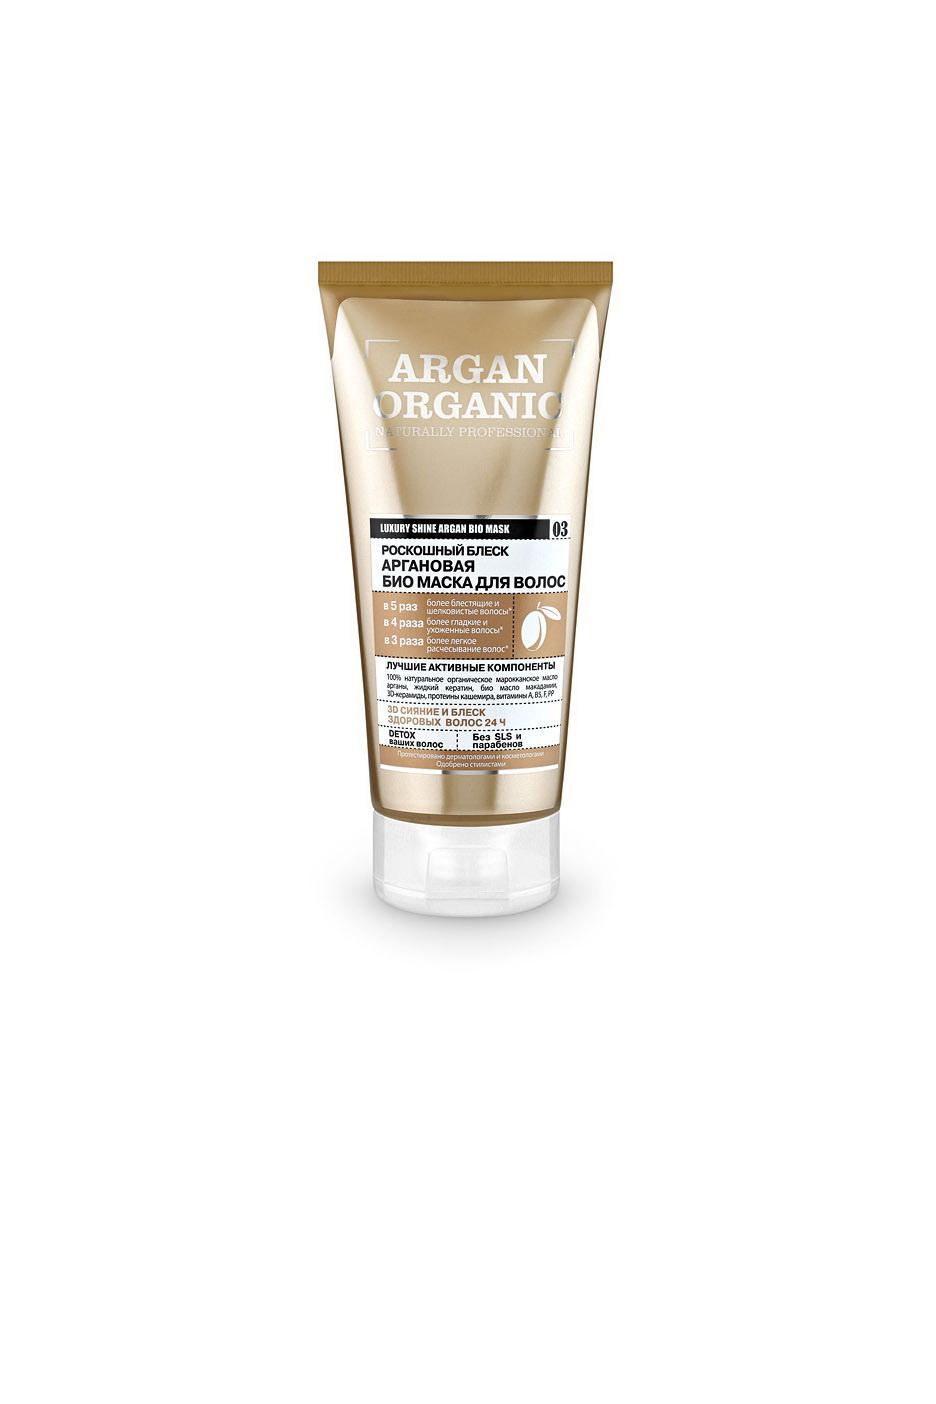 Оrganic Shop Naturally Professional Био-маска для волос Роскошный блеск, аргановая, 200 мл0861-1-4127100% натуральное органическое марокканское масло арганы интенсивно питает и увлажняет волосы, придает им зеркальный блеск. Жидкий кератин залечивает поврежденную структуру волос и придает кристальное сияние. Био-масло макадамии облегчает расчесывание, делая волосы мягкими и послушными. 3D-керамиды проникают внутрь волоса, предотвращая ломкость и сечение, делают волосы эластичными и упругими. Протеины кашемира защищают и уплотняют волосы, позволяют удерживать влагу глубоко в структуре волос. Товар сертифицирован.